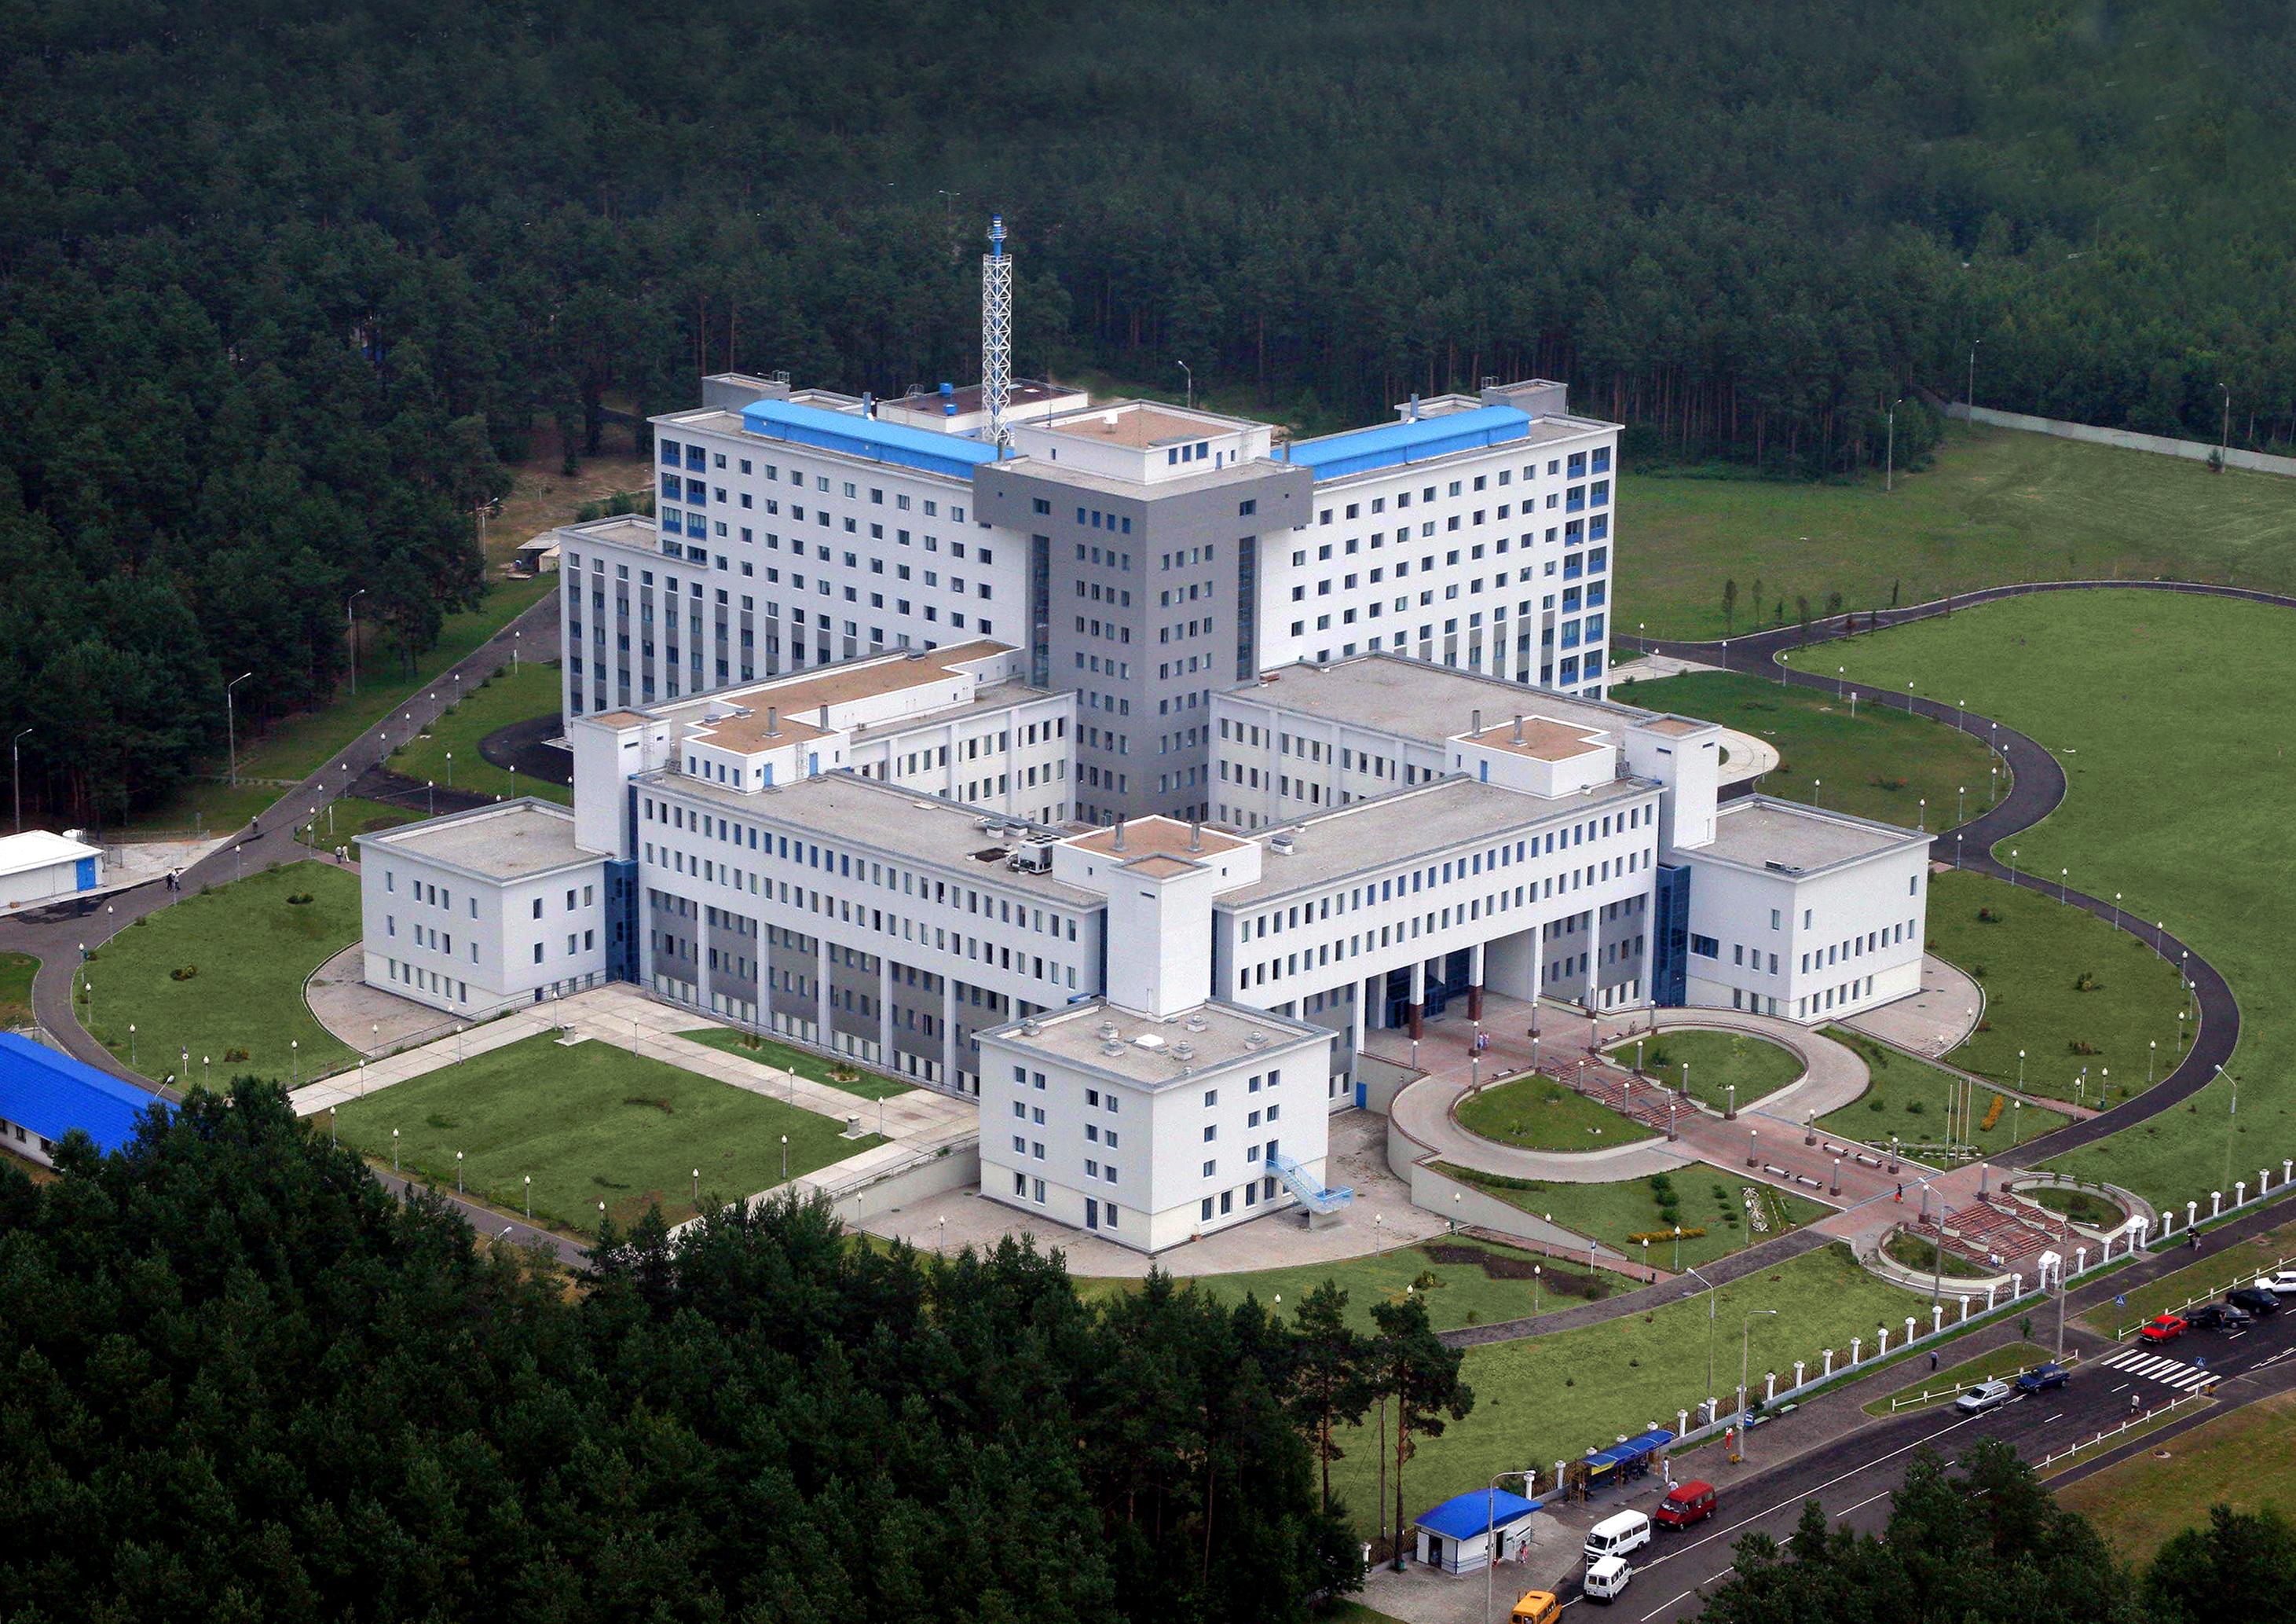 Бу республиканская детская клиническая больница г чебоксары